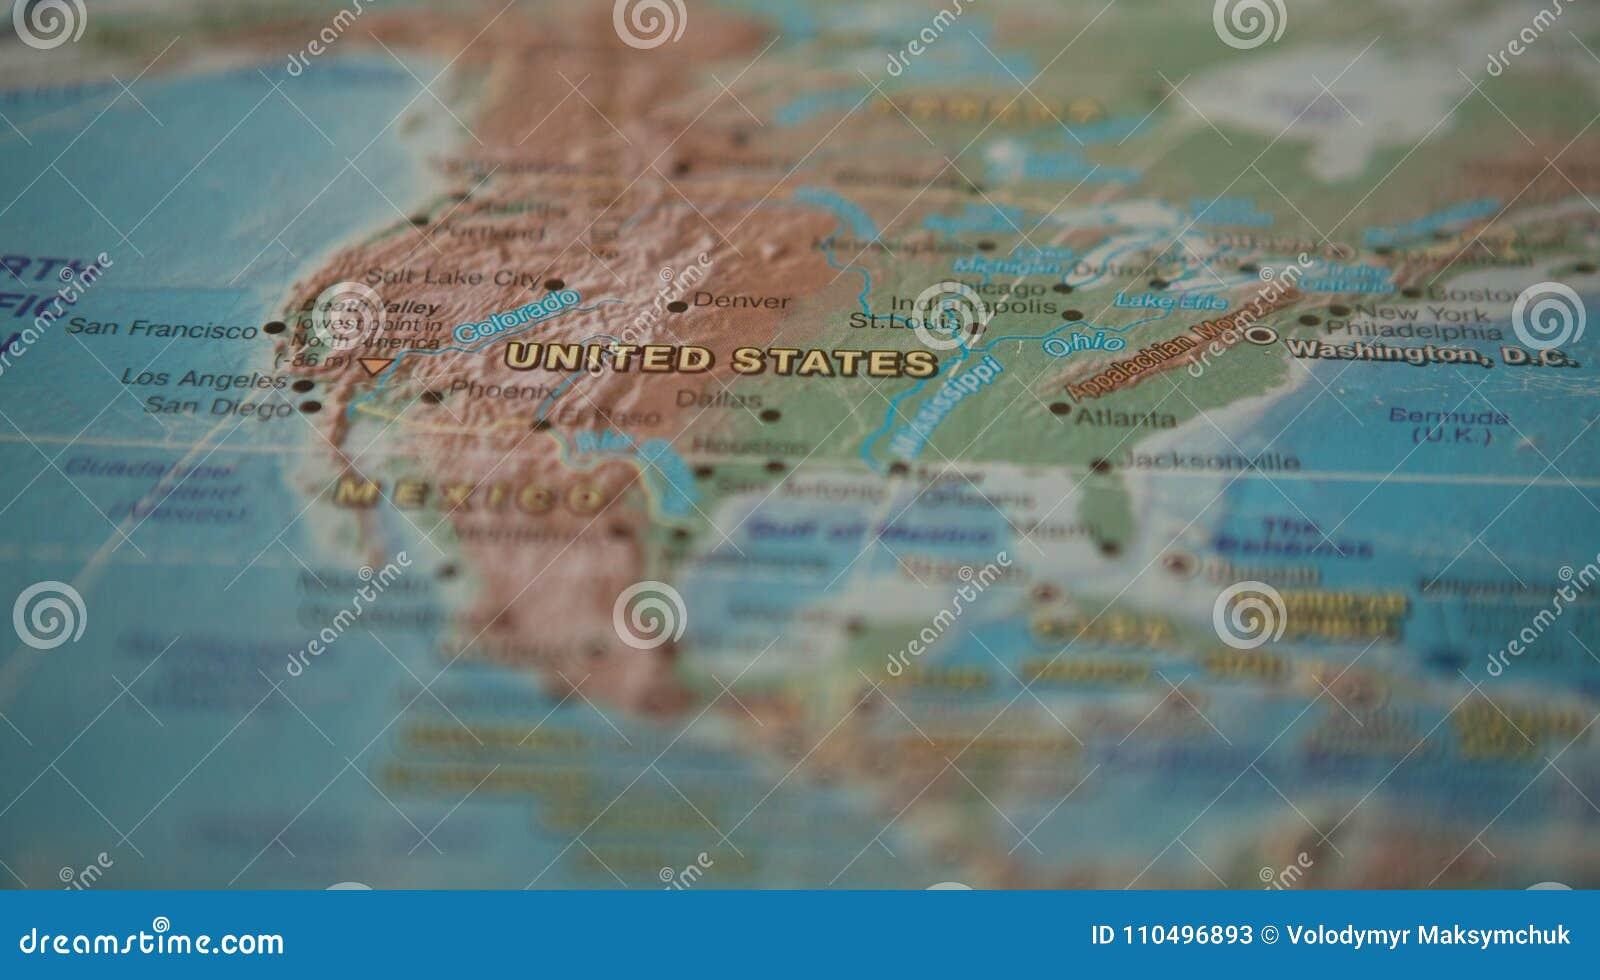 Πολιτεία στο χάρτη Οι Ηνωμένες Πολιτείες χάρτης του κόσμου